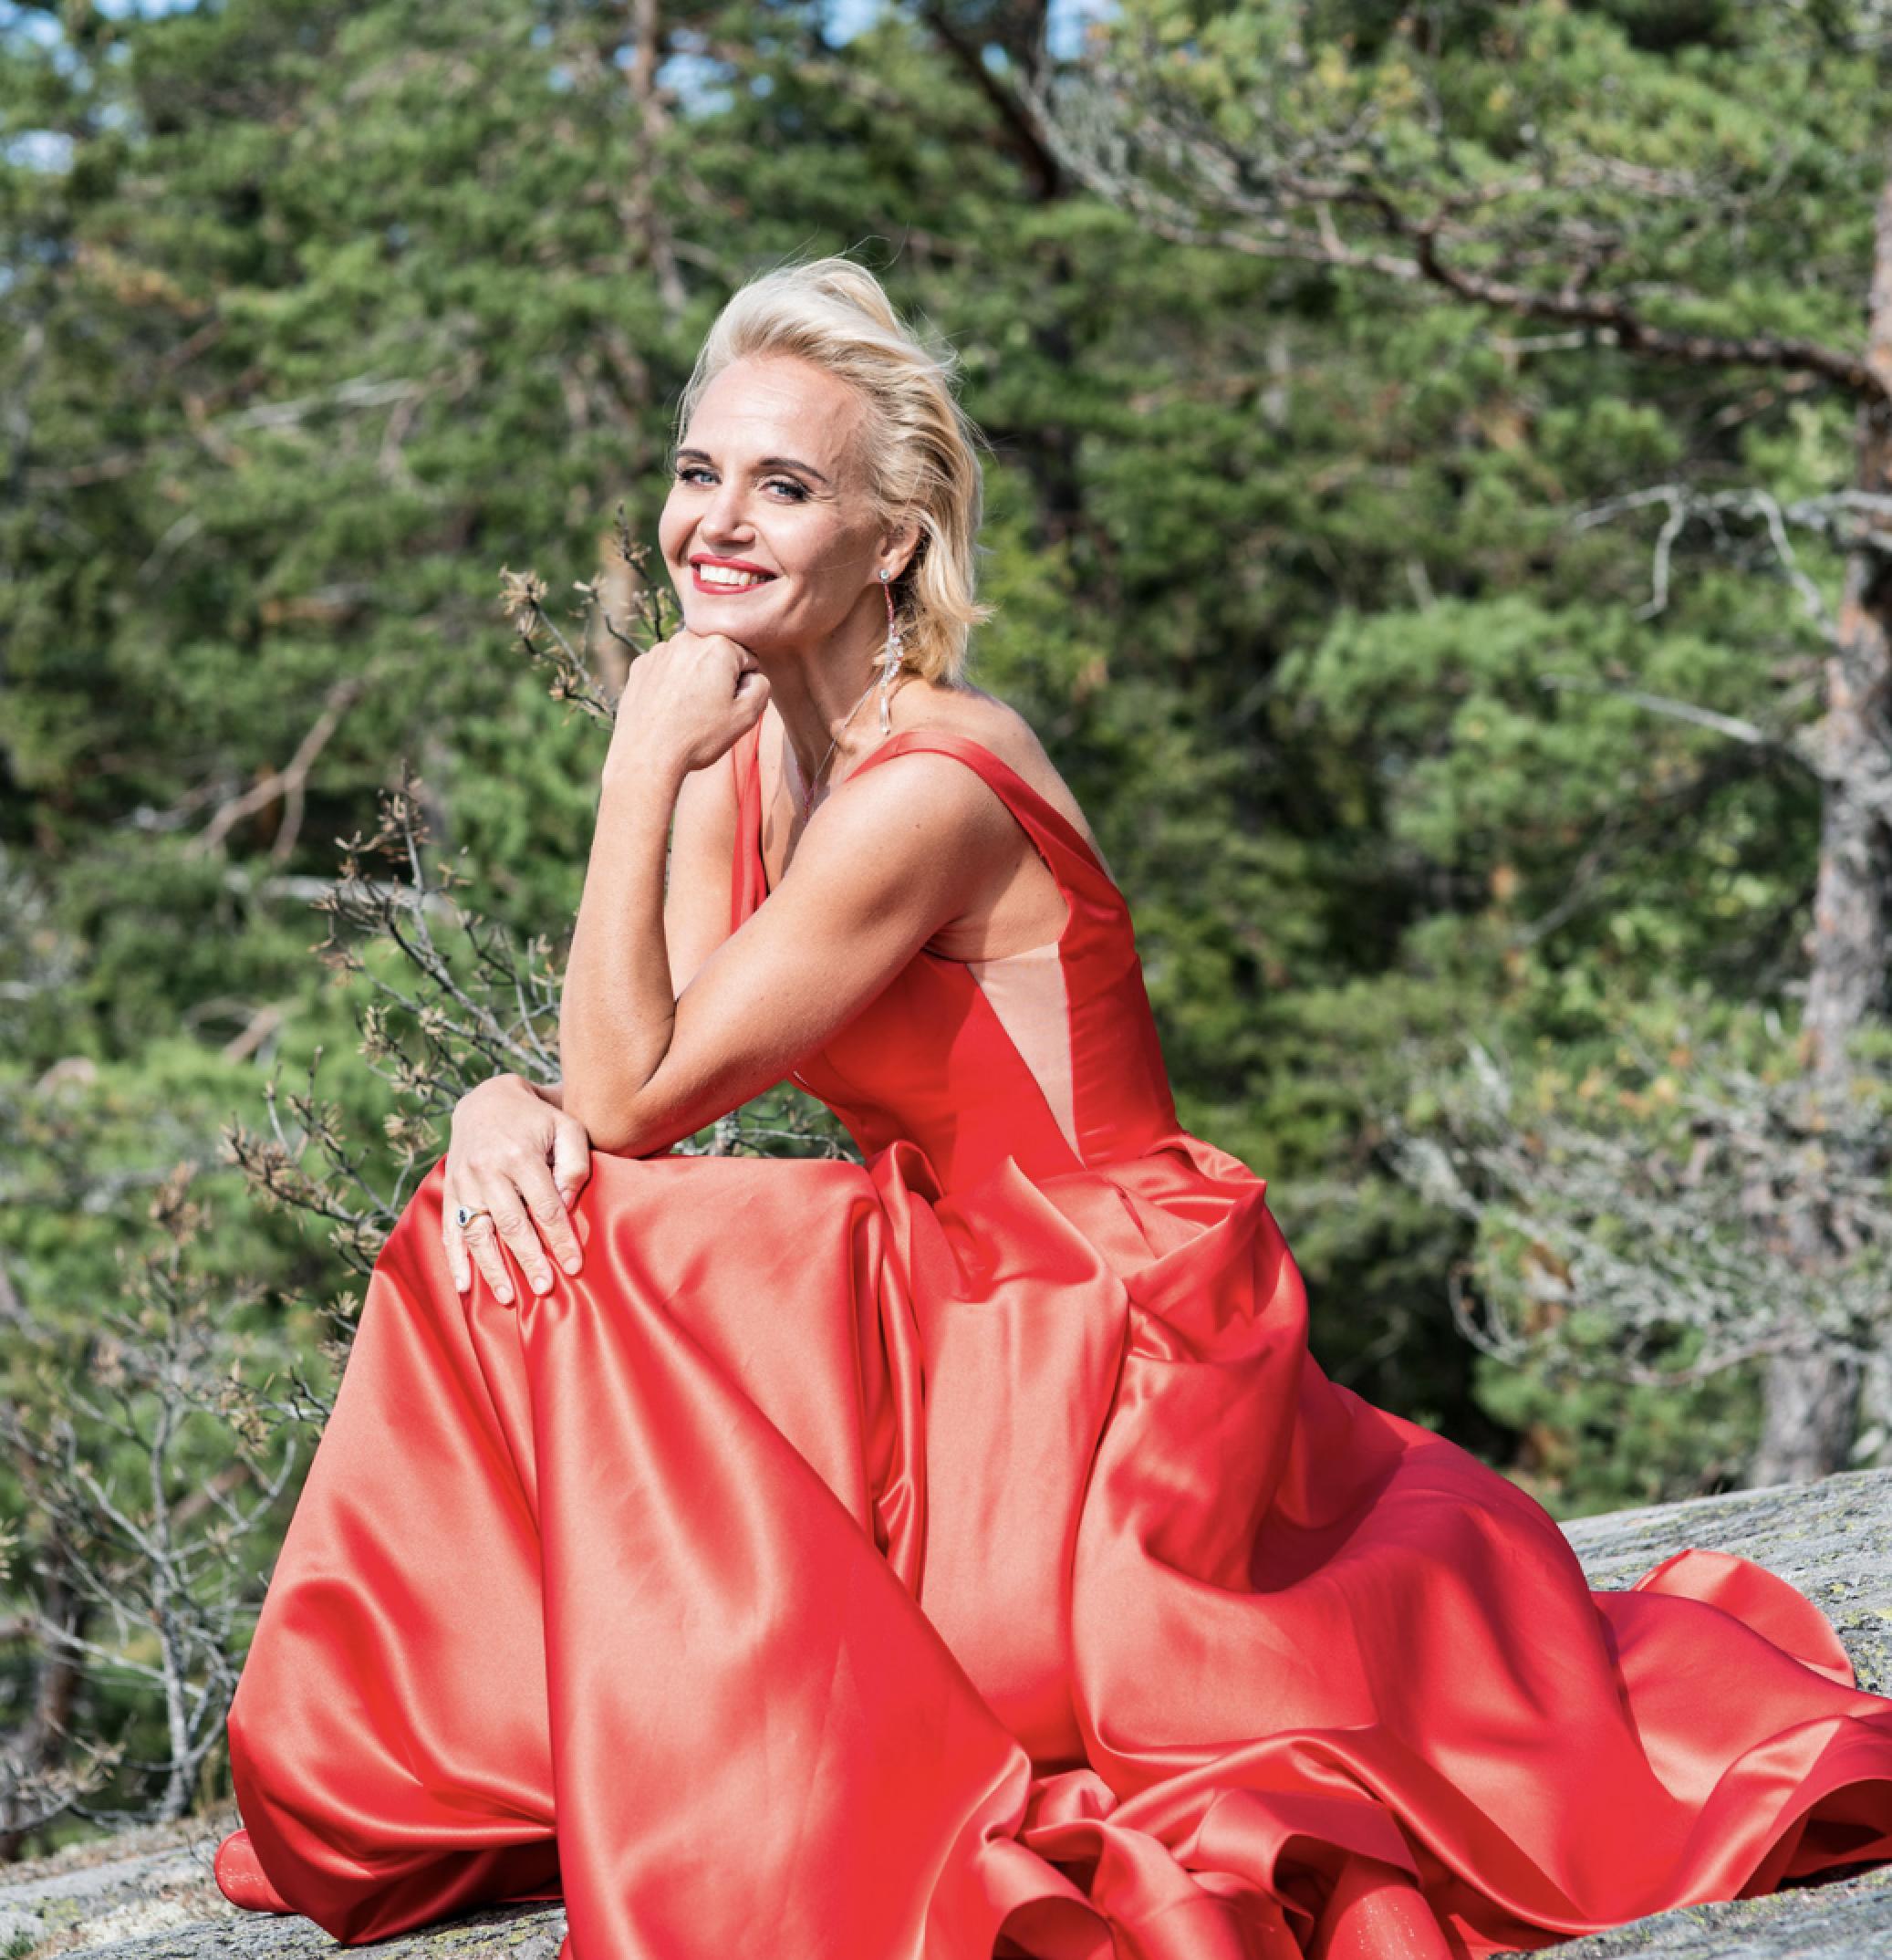 Cecilia von Hartman poseeraa punaisessa iltapuvussa luonnon keskellä